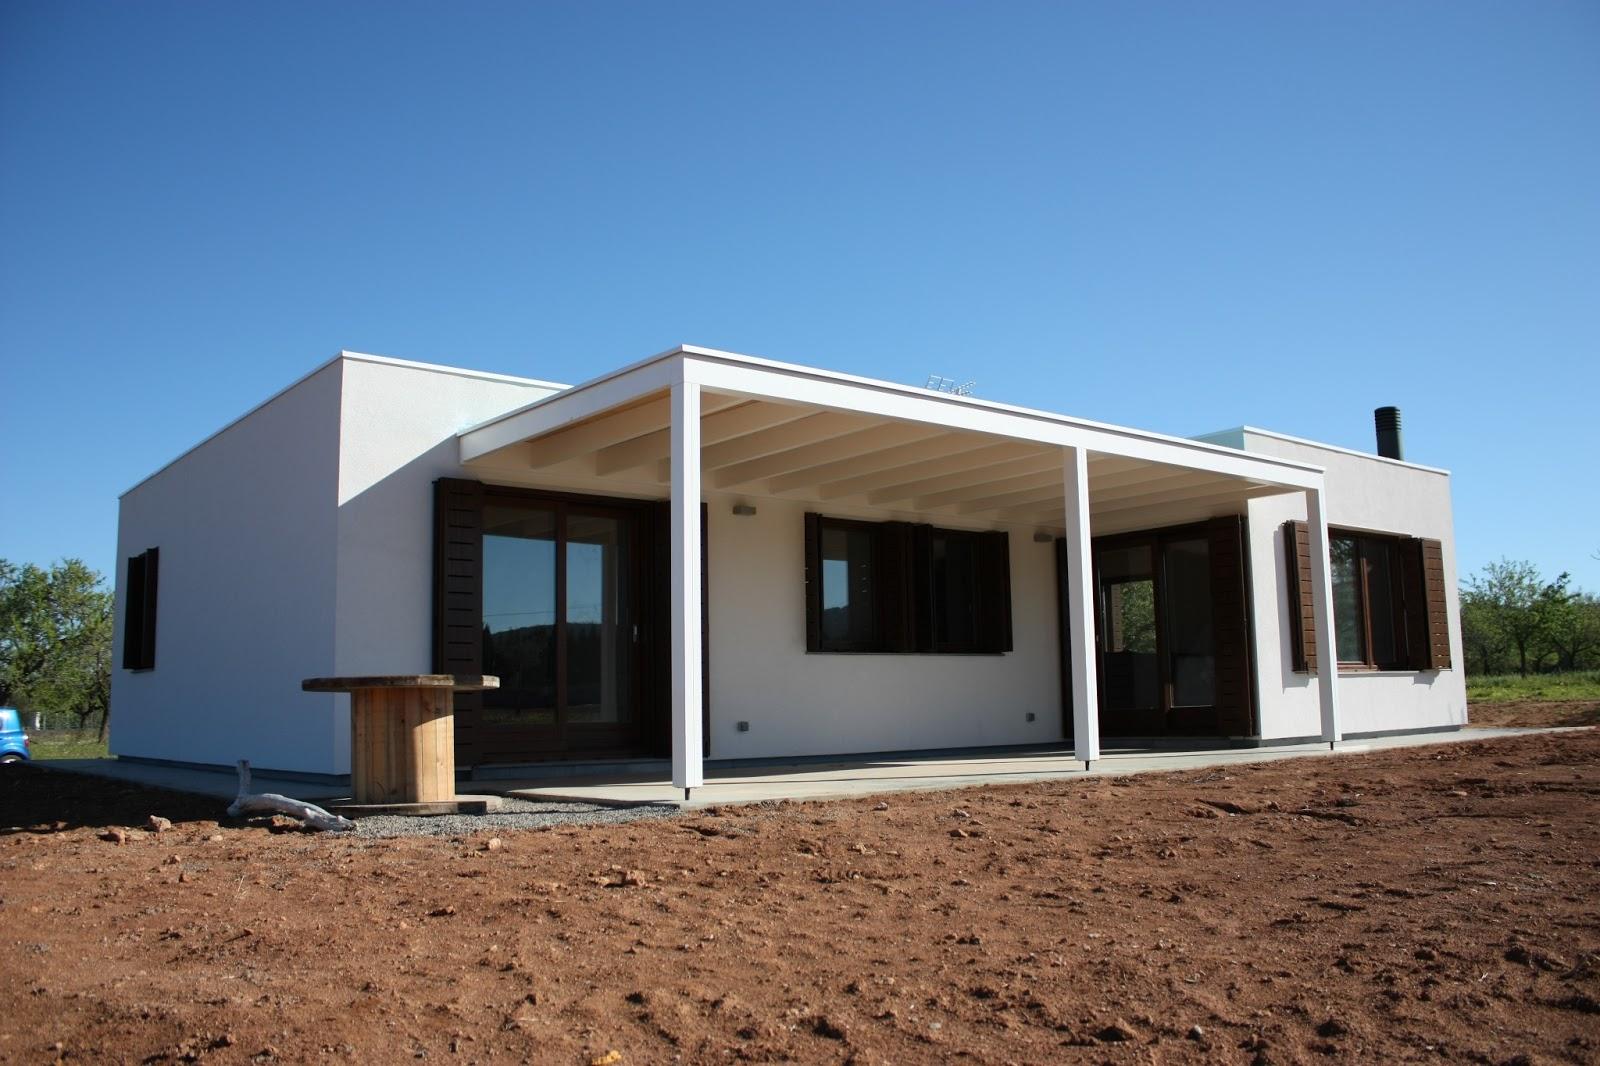 Casas modulares blochouse - Casas prefabricadas ecologicas ...